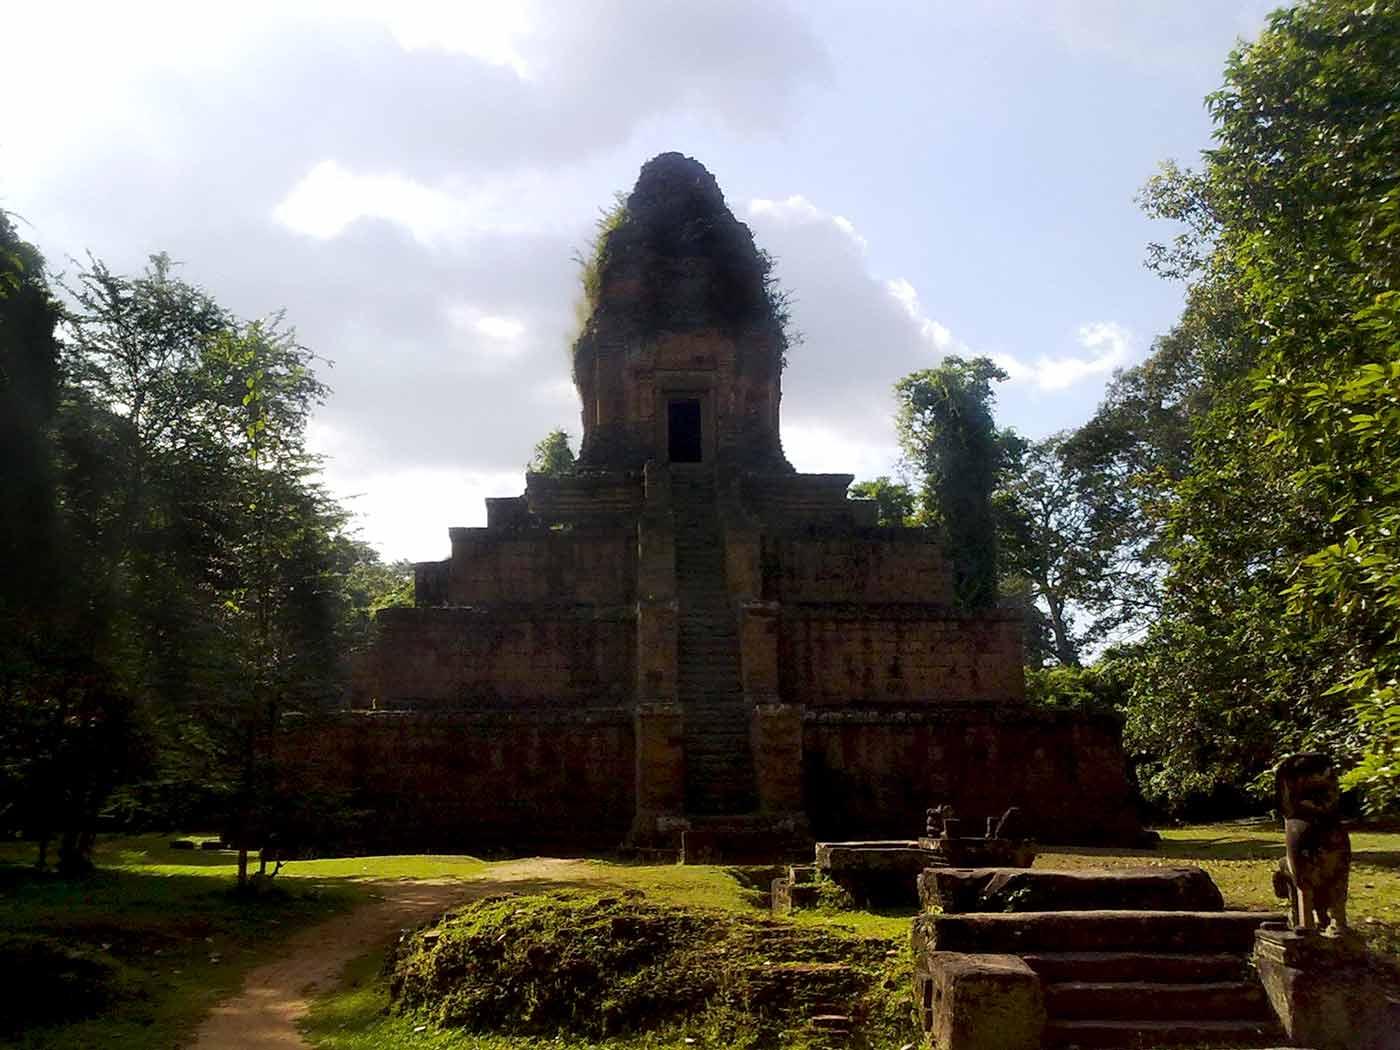 Baksei Chamkrong - Angkor Temple, Cambodia